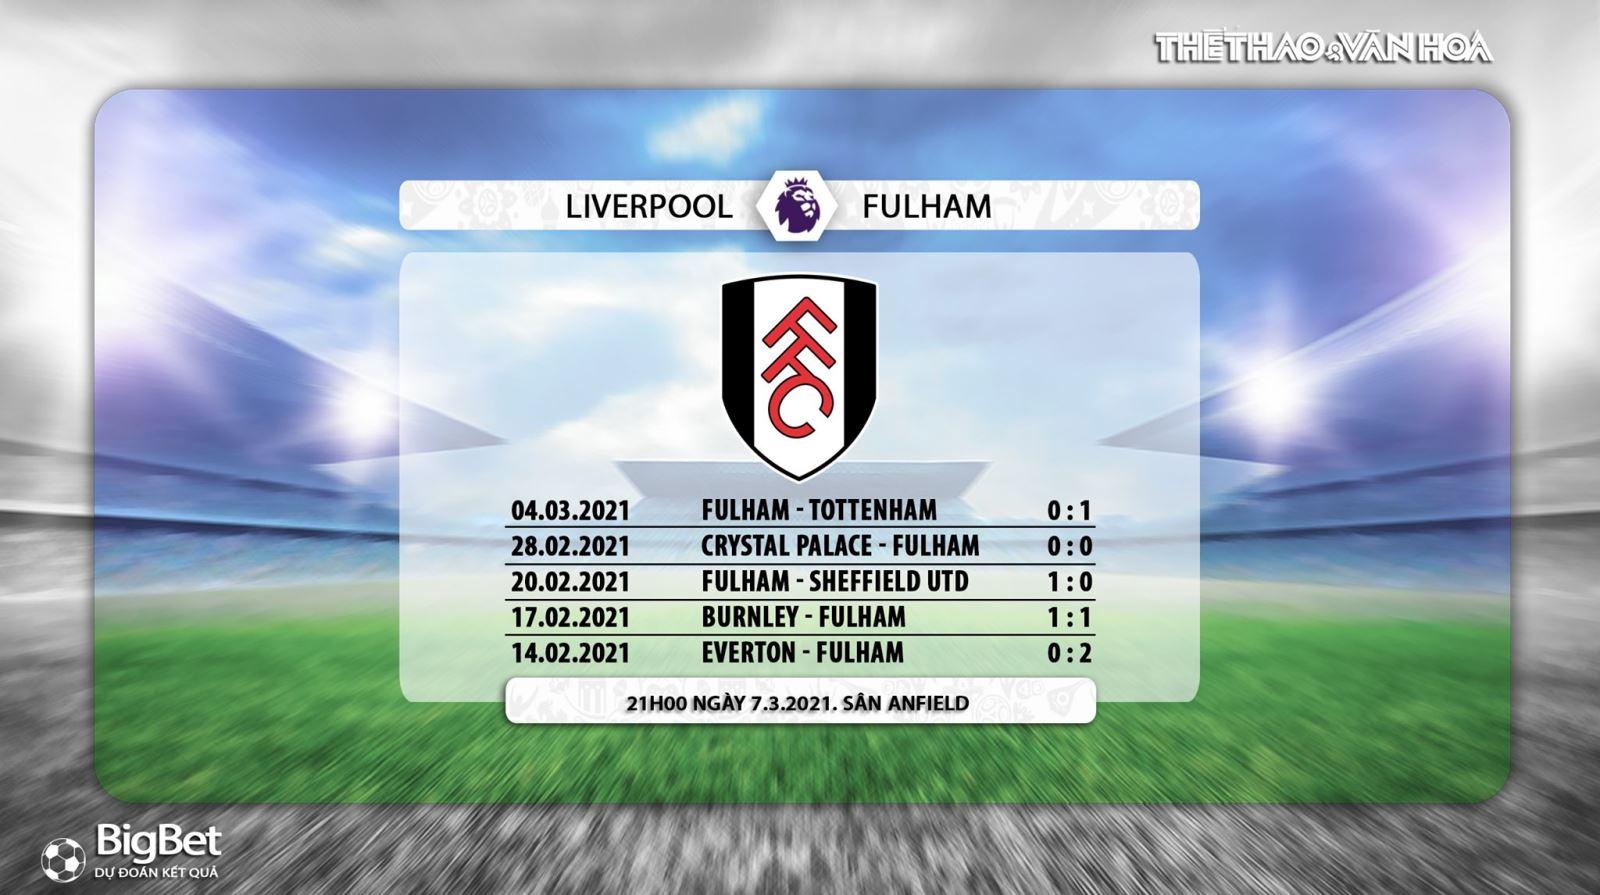 Keo nha cai, Kèo nhà cái, Liverpool vs Fulham, K+, K+PM trực tiếp ngoại hạng Anh, Xem K+, trực tiếp Liverpool đấu với Fulham, trực tiếp bóng đá hôm nay, kèo Liverpool